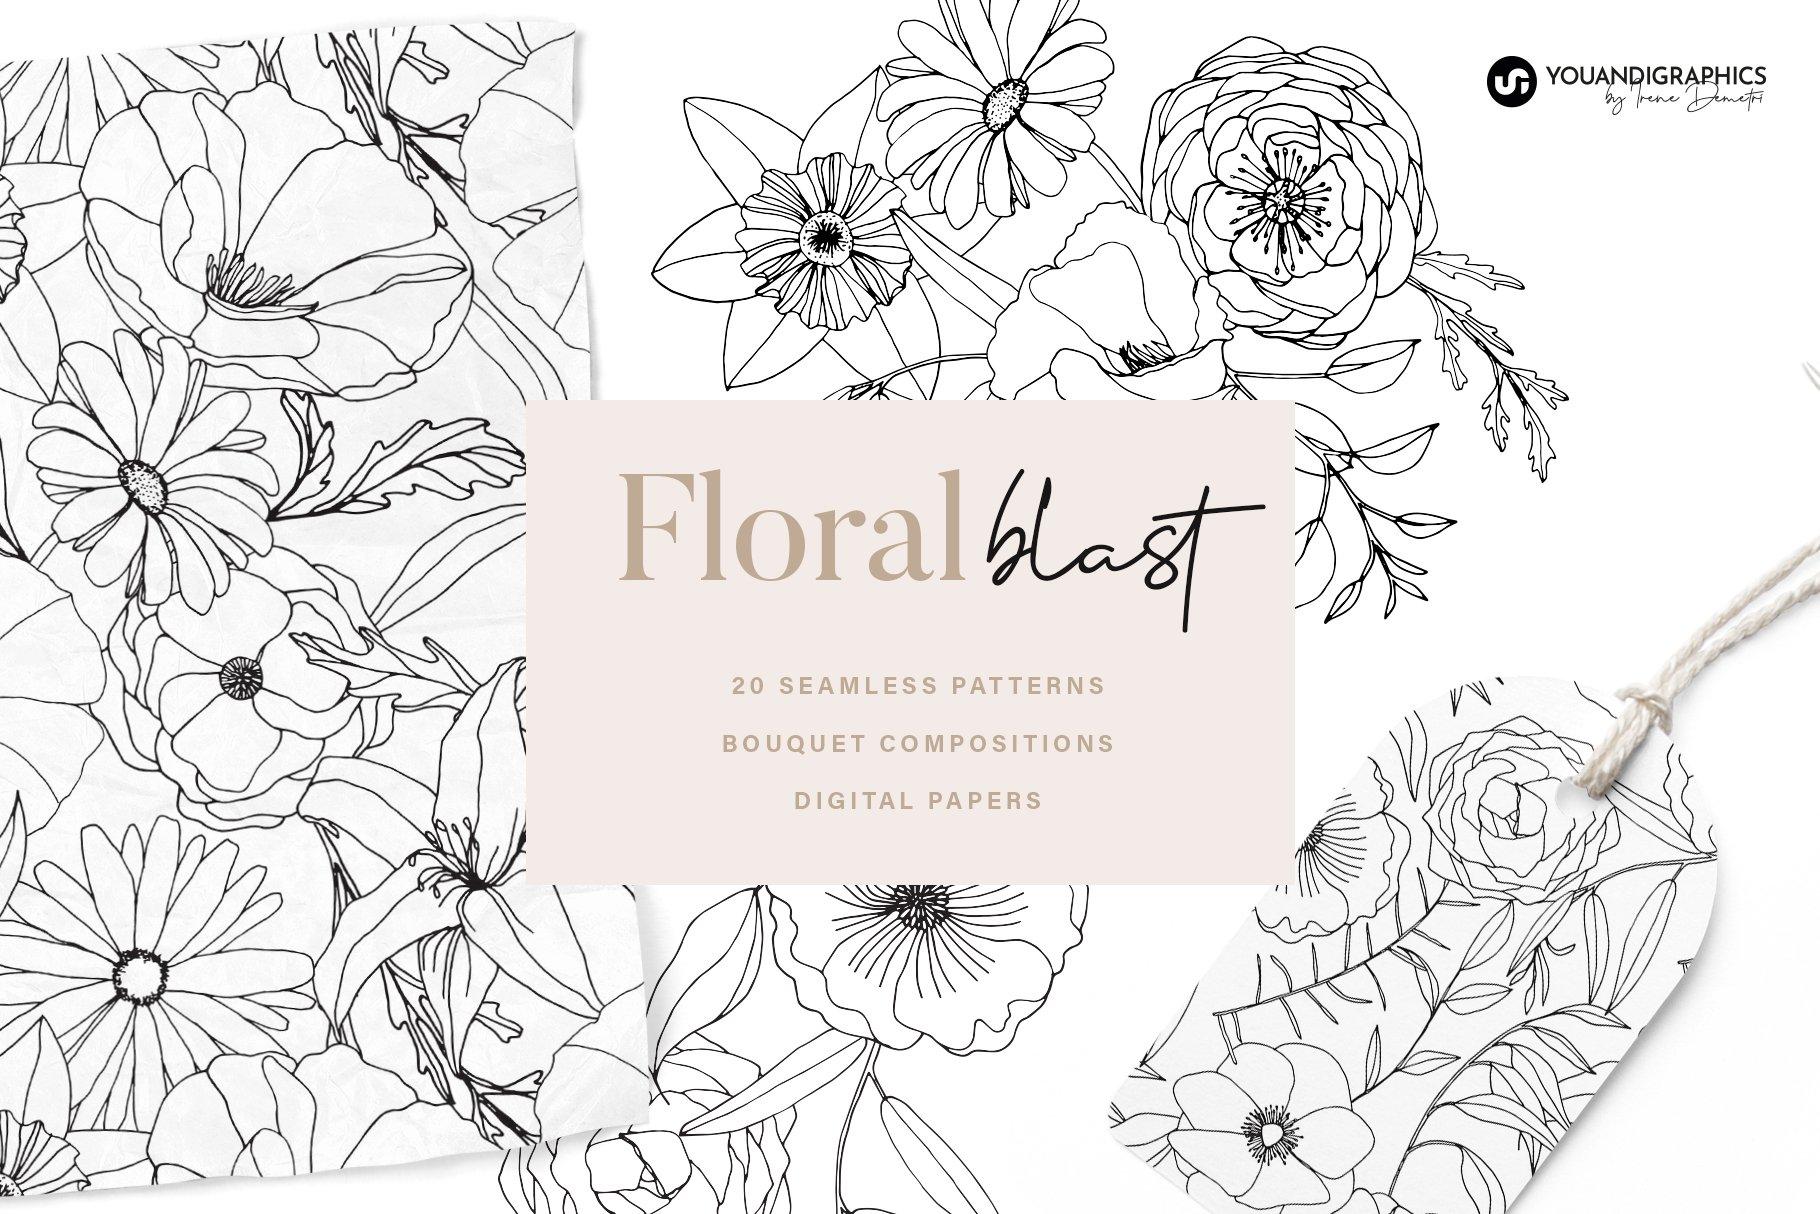 精美手绘花卉花朵无缝隙矢量线稿图案素材 Floral Blast Patterns And Bouquets插图